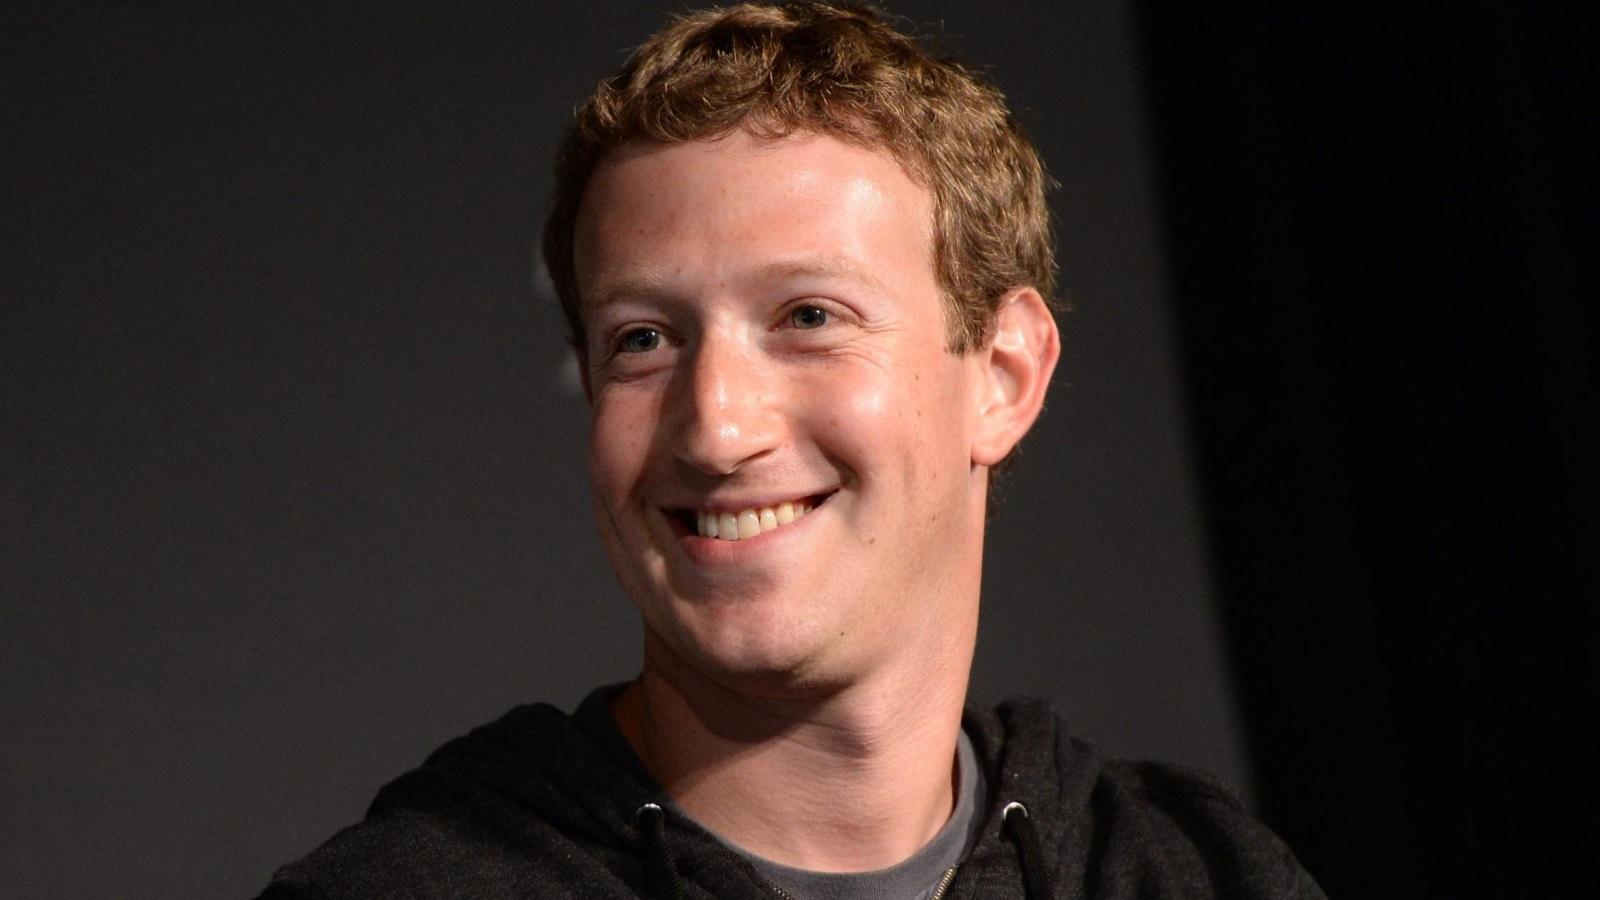 صورة مؤسس فيسبوك يحذر من تغير الفكر العالمي